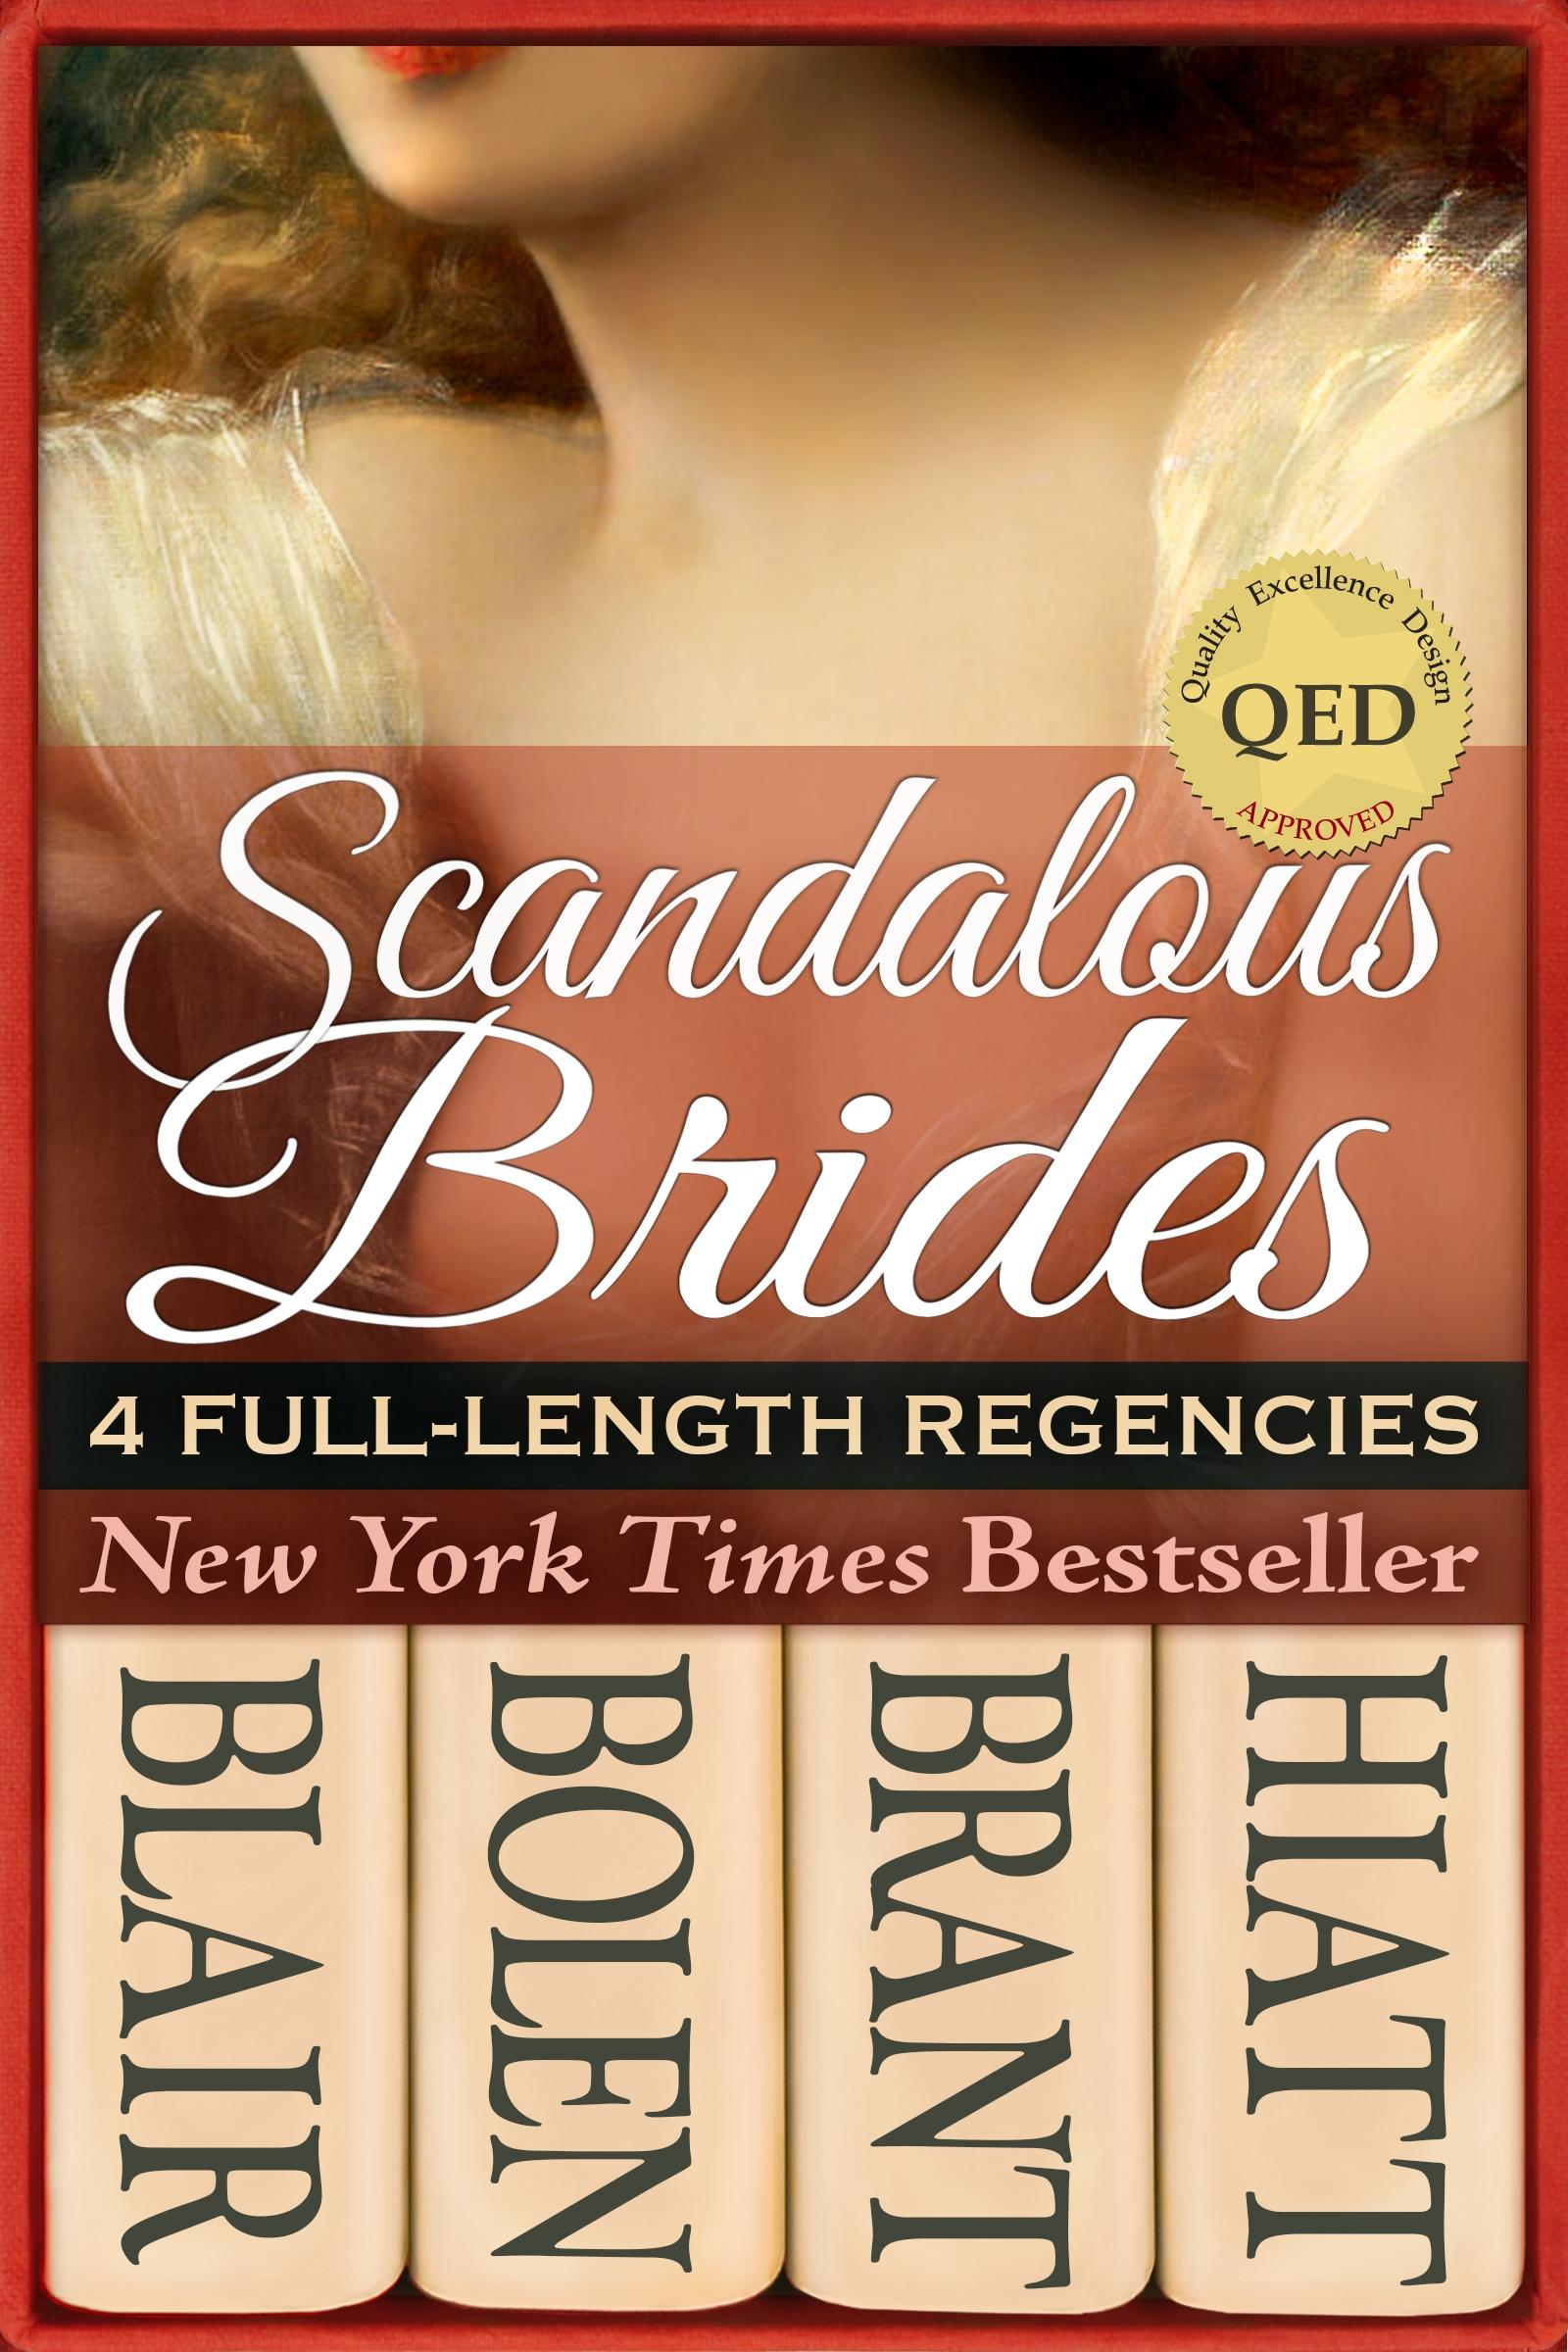 Scandalous Brides: Four Bestselling Full-Length Regency Novels